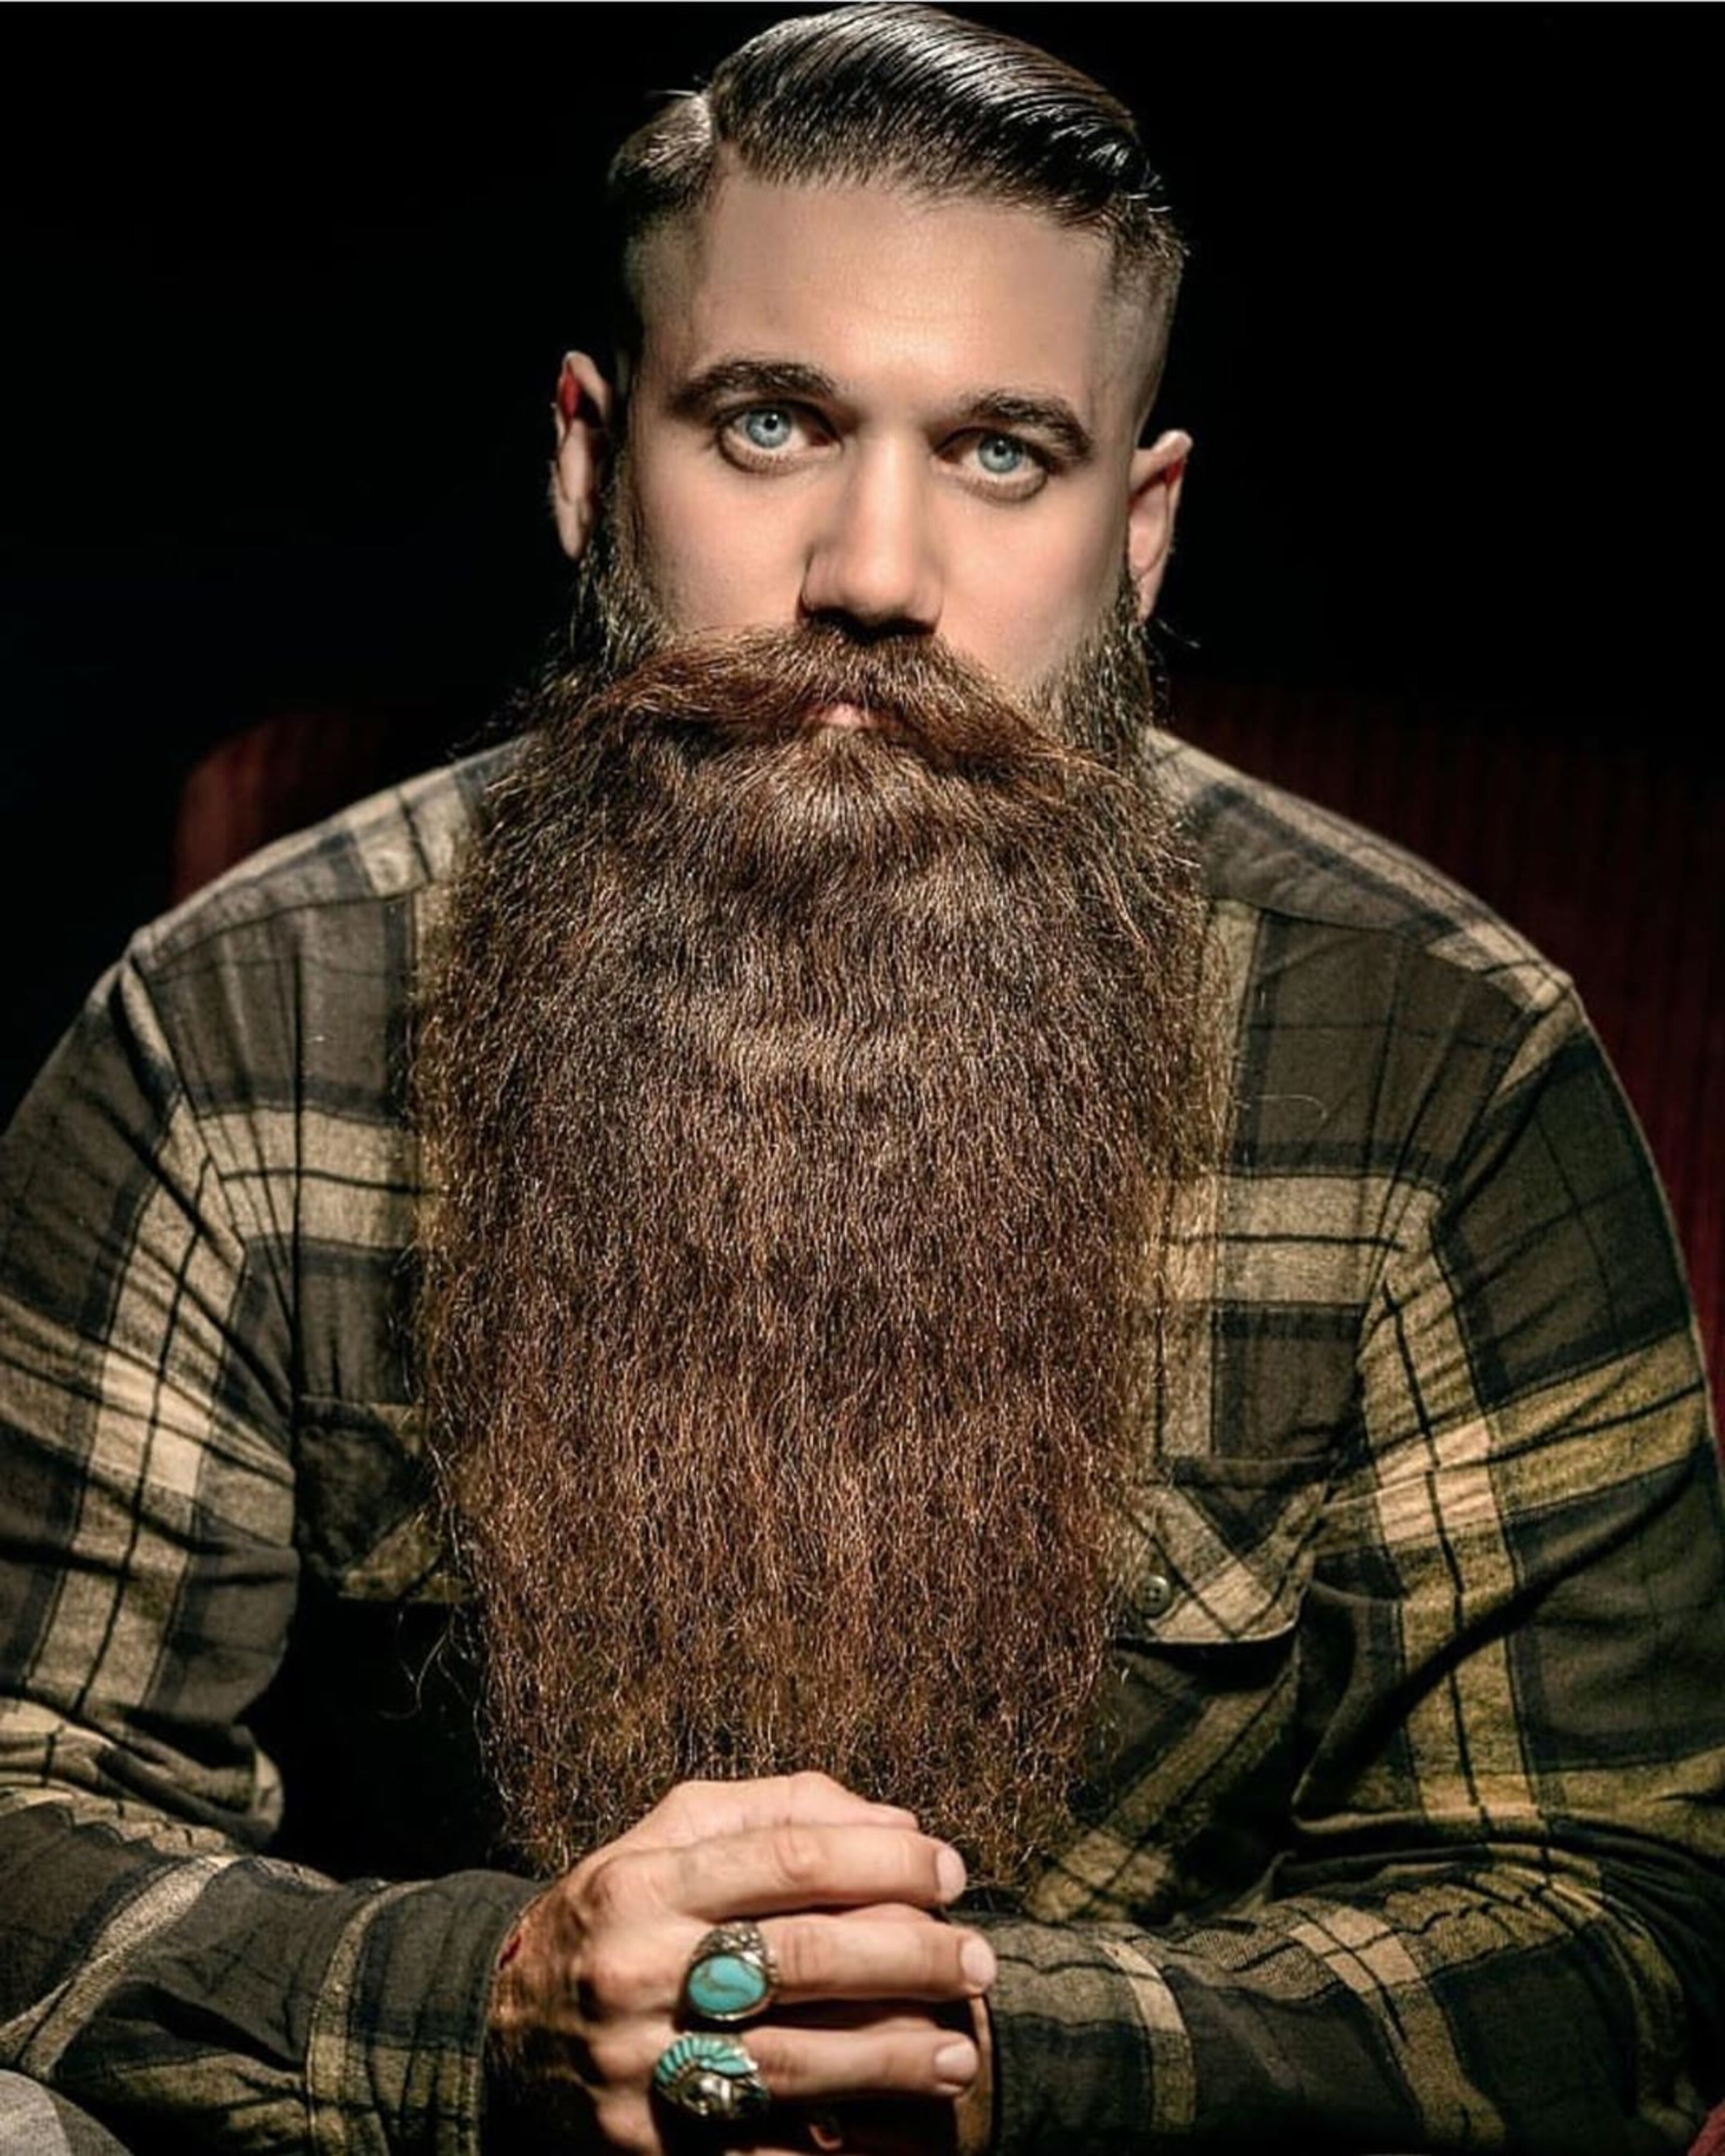 A long beard like Santa has.